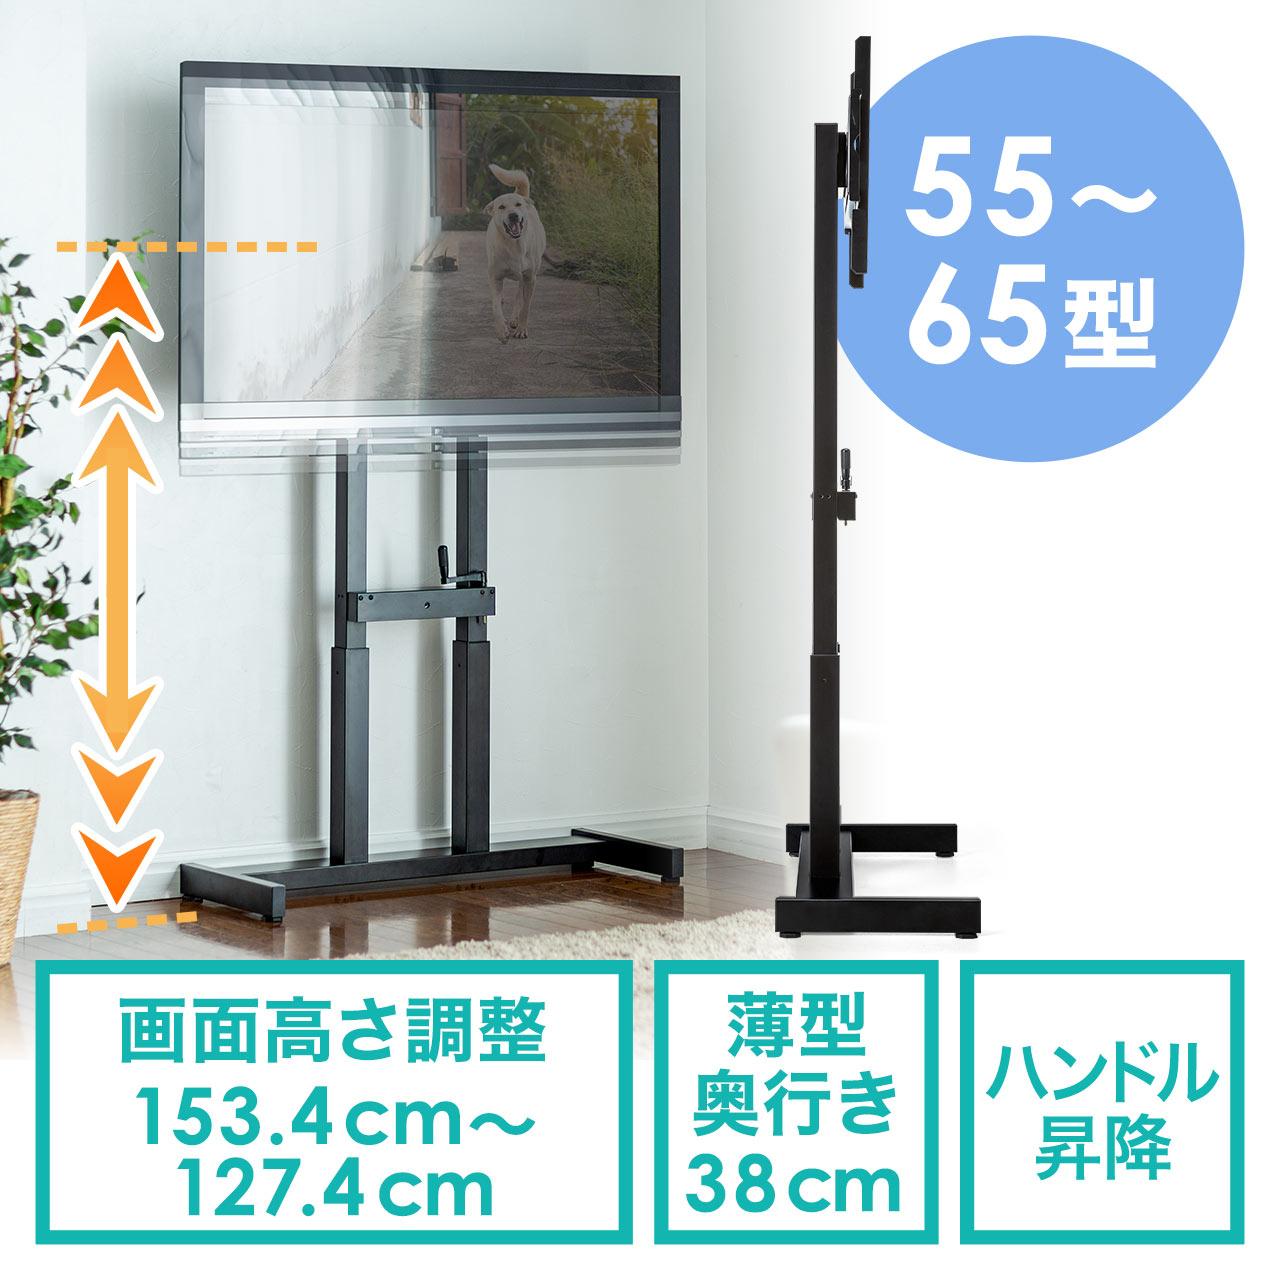 壁寄せテレビ台(テレビスタンド・手動上下昇降・55型/57型/60型/65型対応) サンワダイレクト サンワサプライ 100-PL015